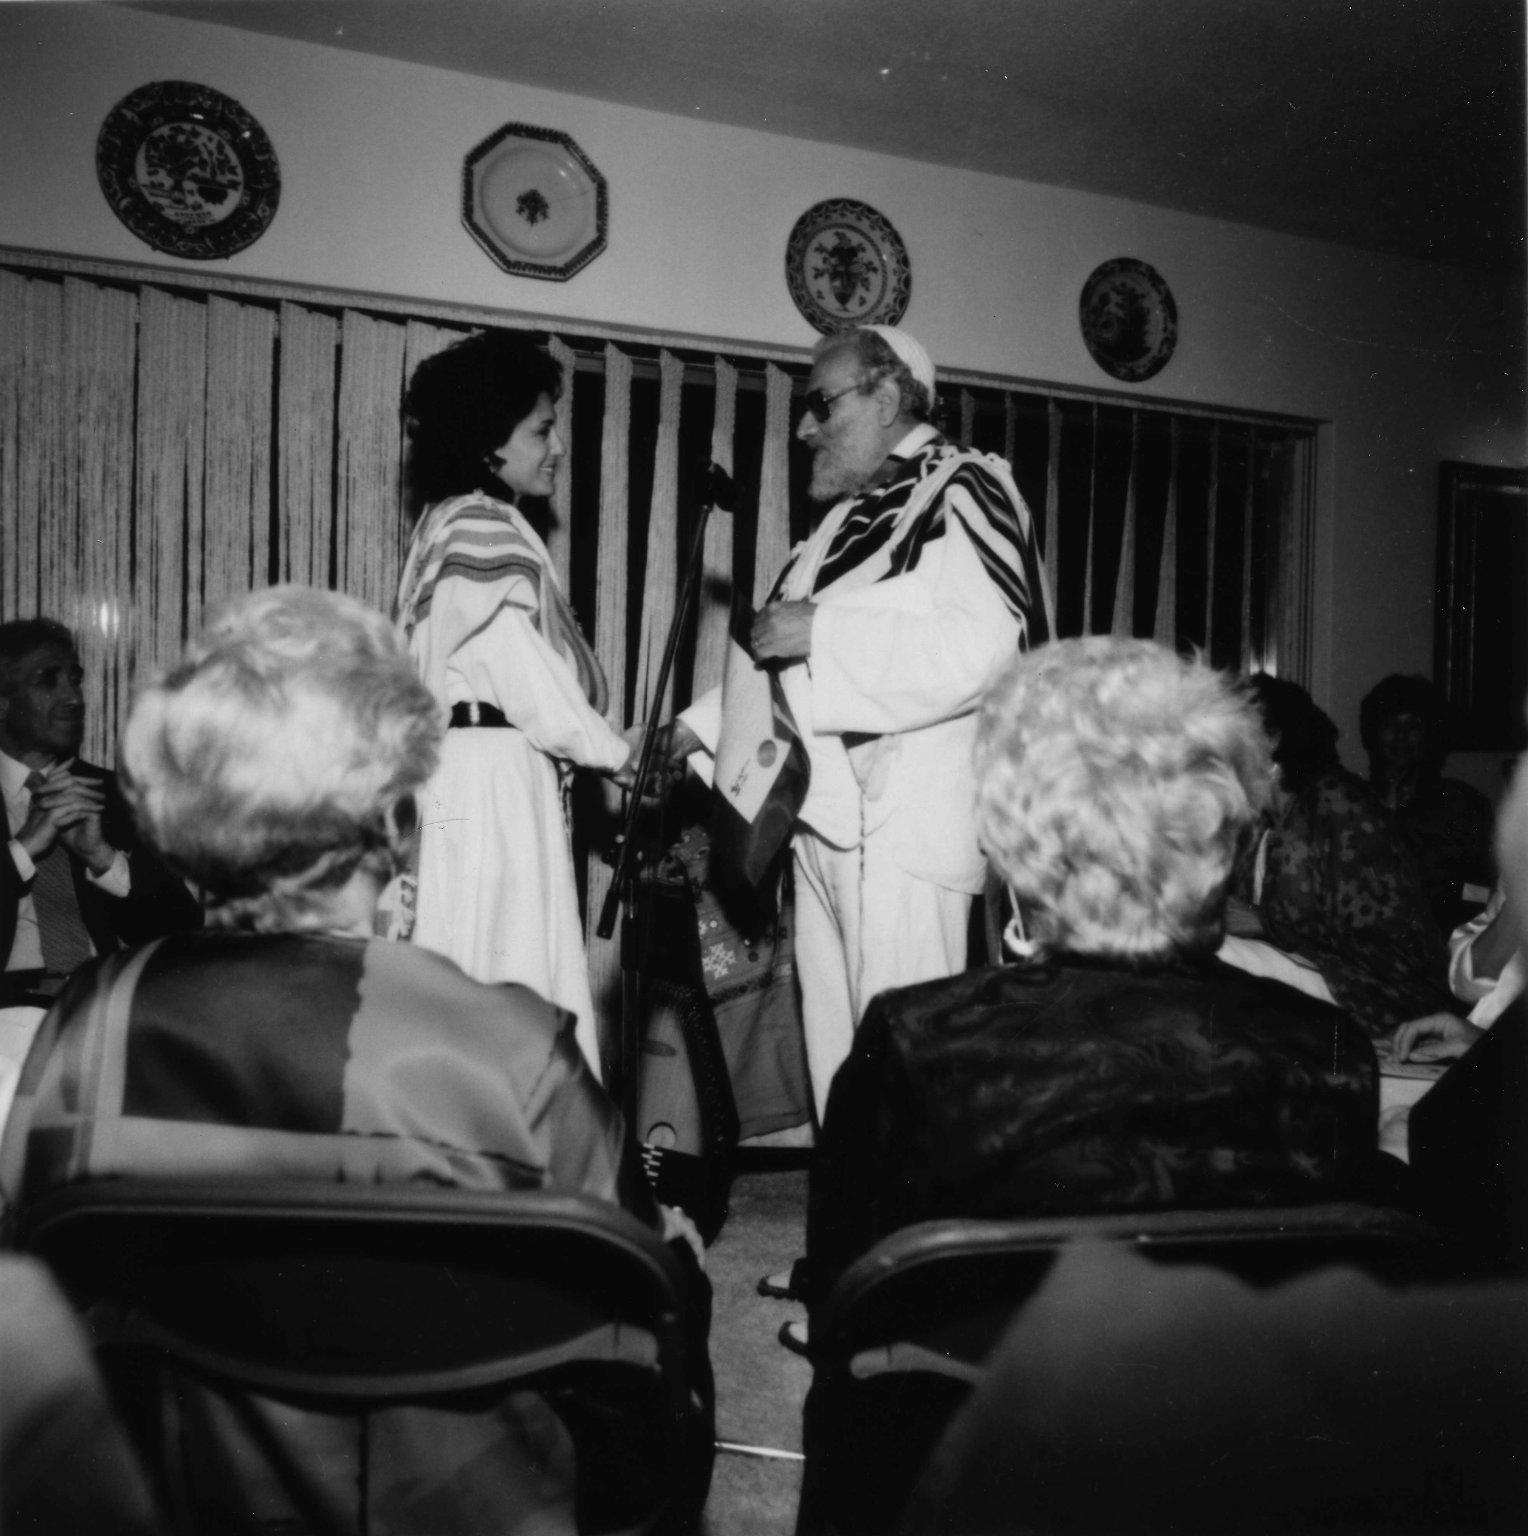 Rabbi Zalman Schachter-Shalomi ordaining Rabbi Shoni Labowitz, ca. 1985.